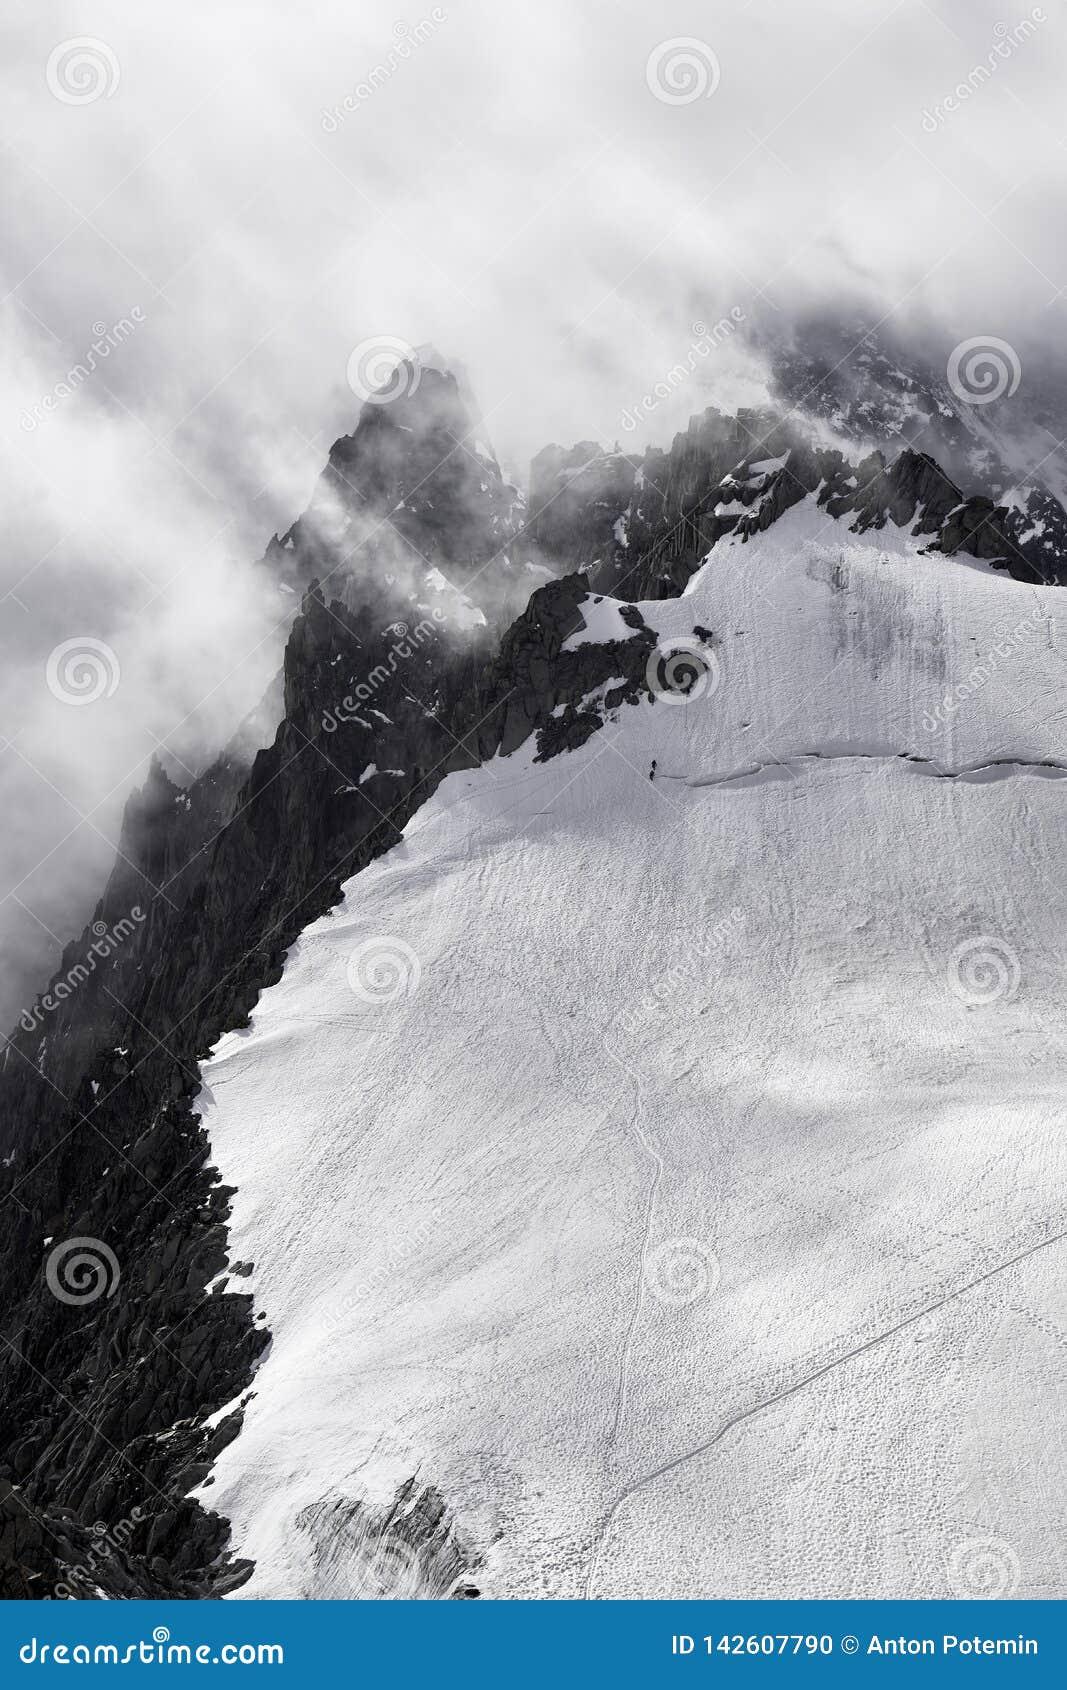 Montagne à Chamonix dans un mauvais temps avec des grimpeurs